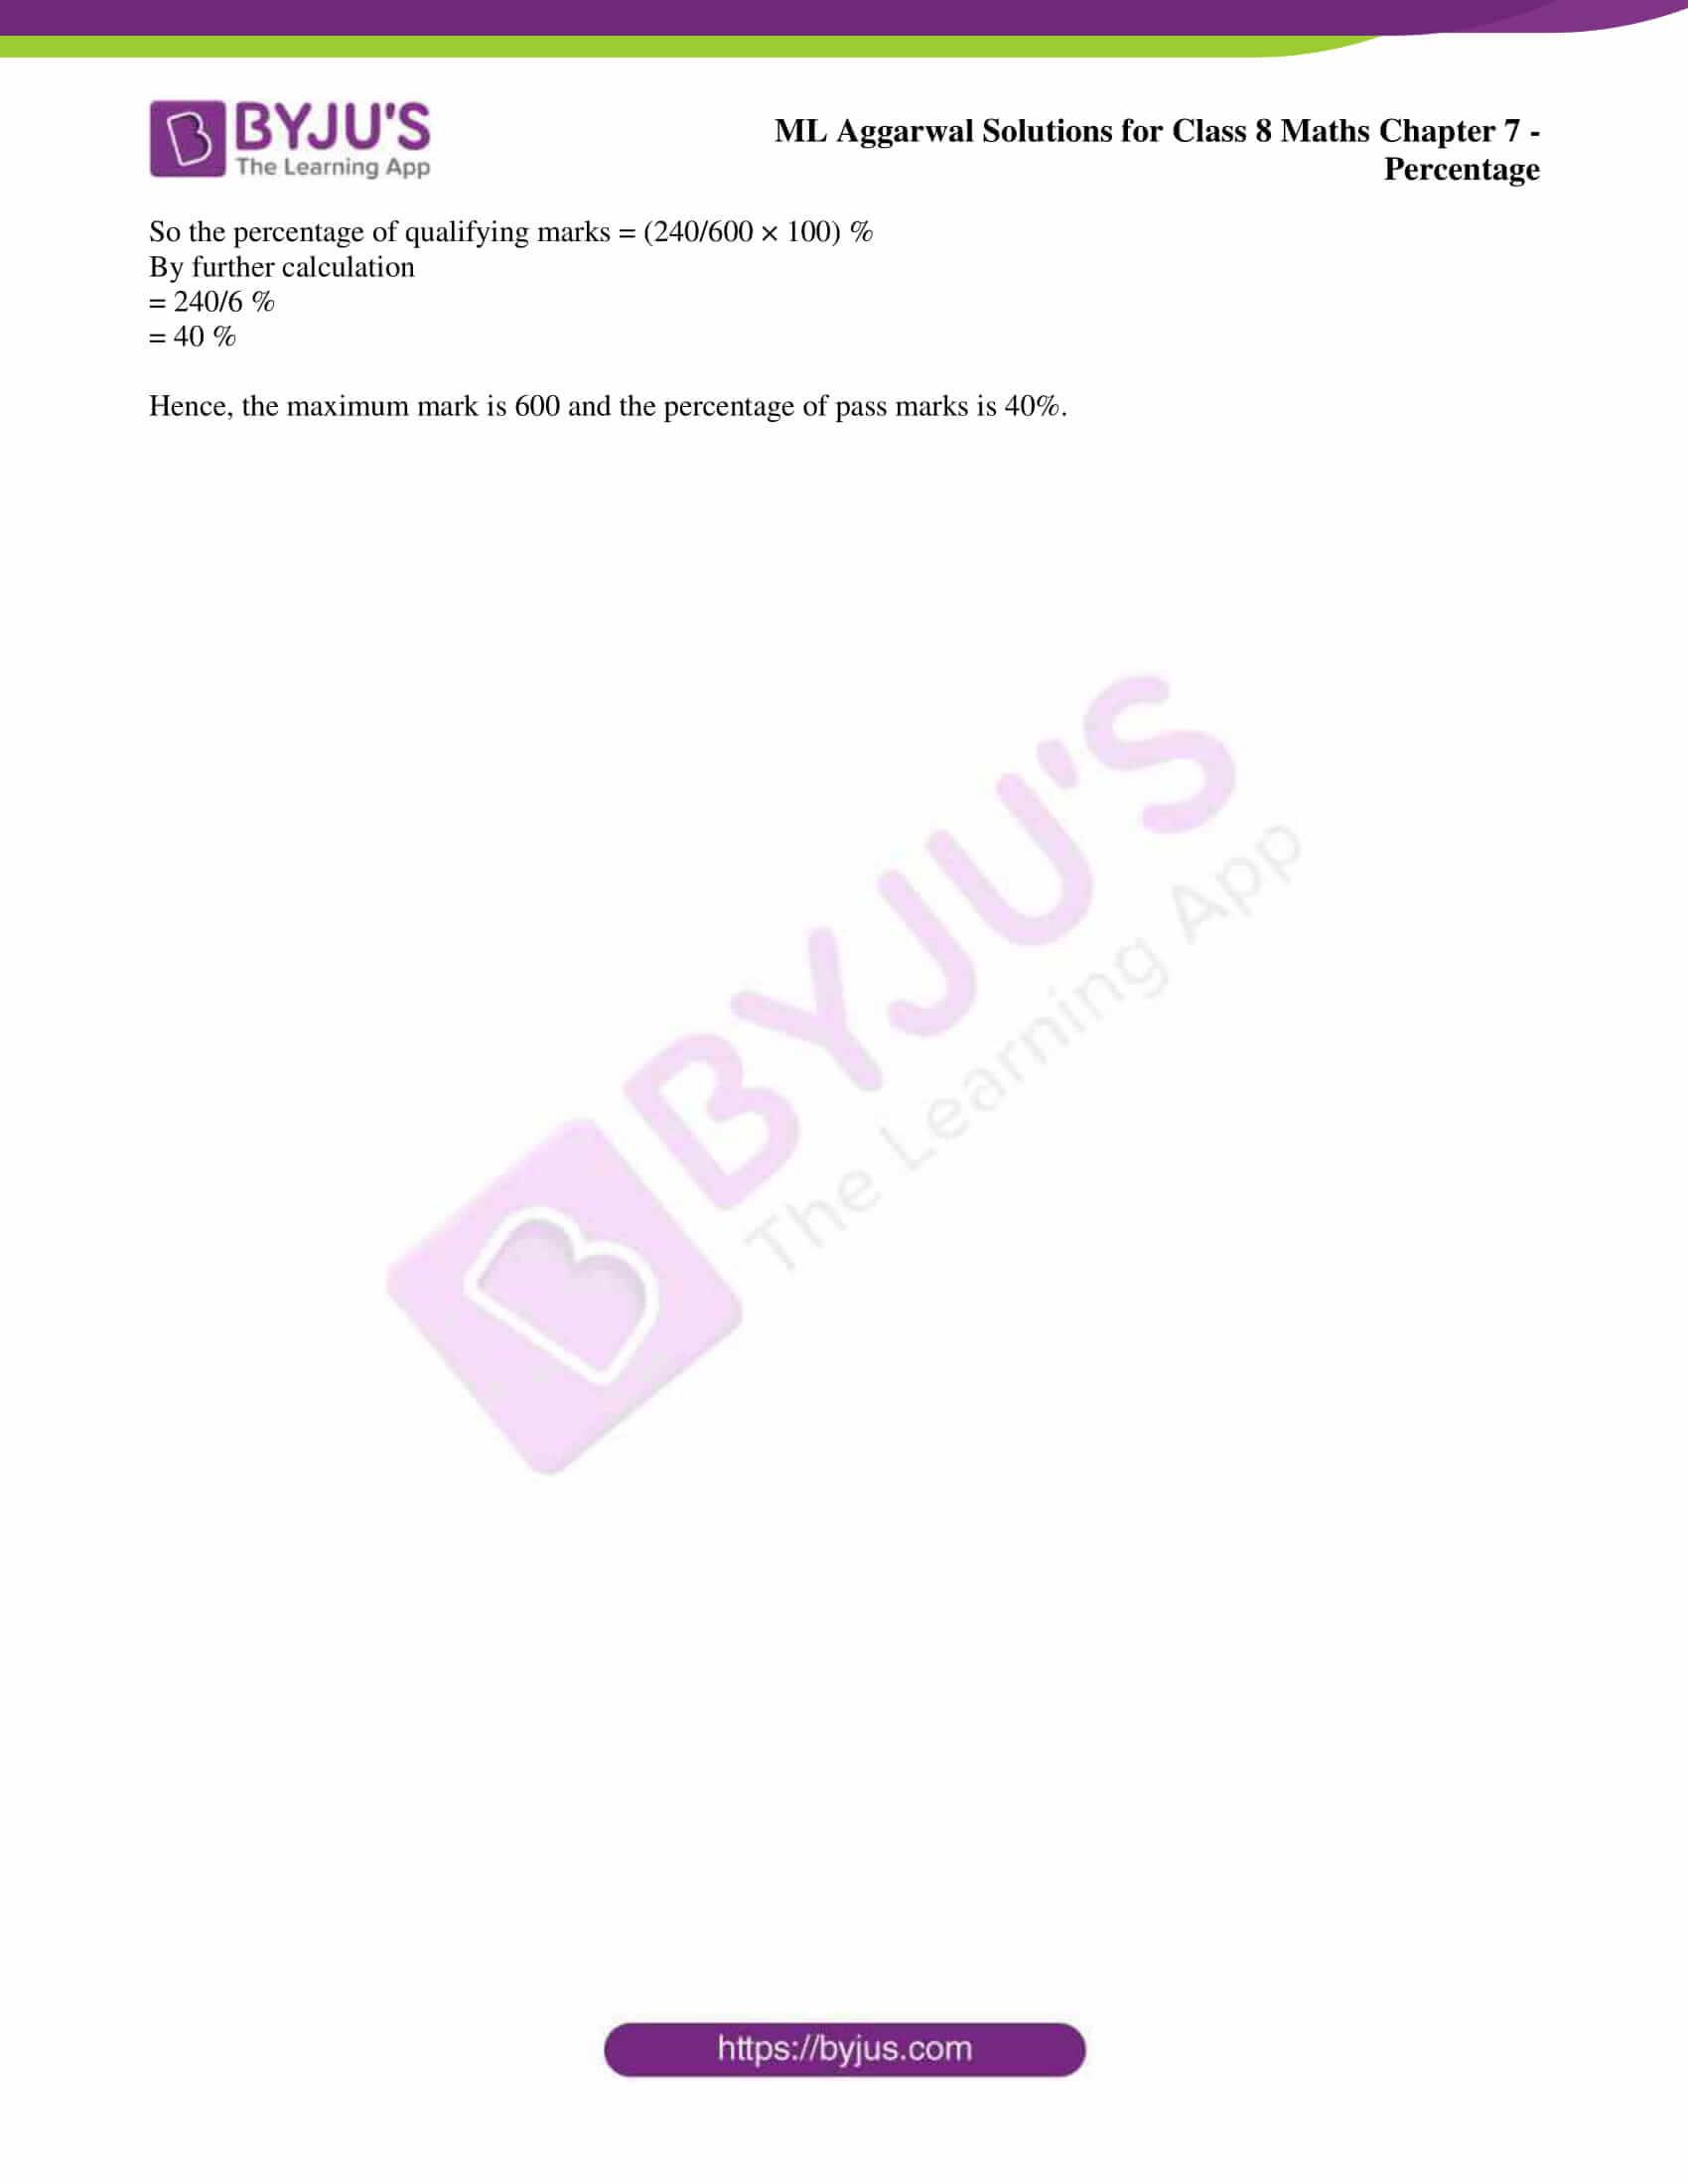 ml aggarwal sol mathematics class 8 ch 7 15